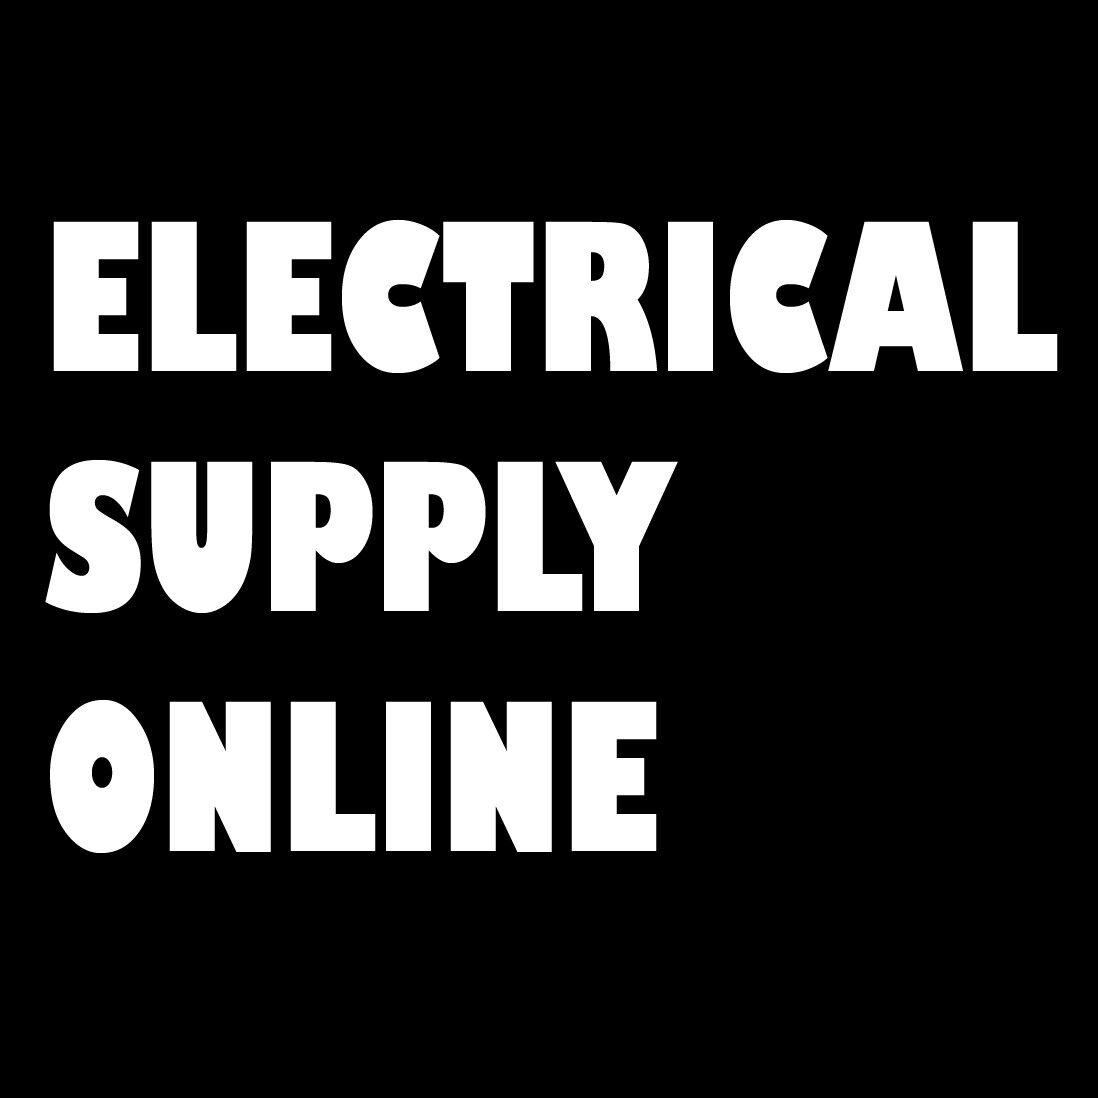 ELECTRICALSUPPLYONLINE